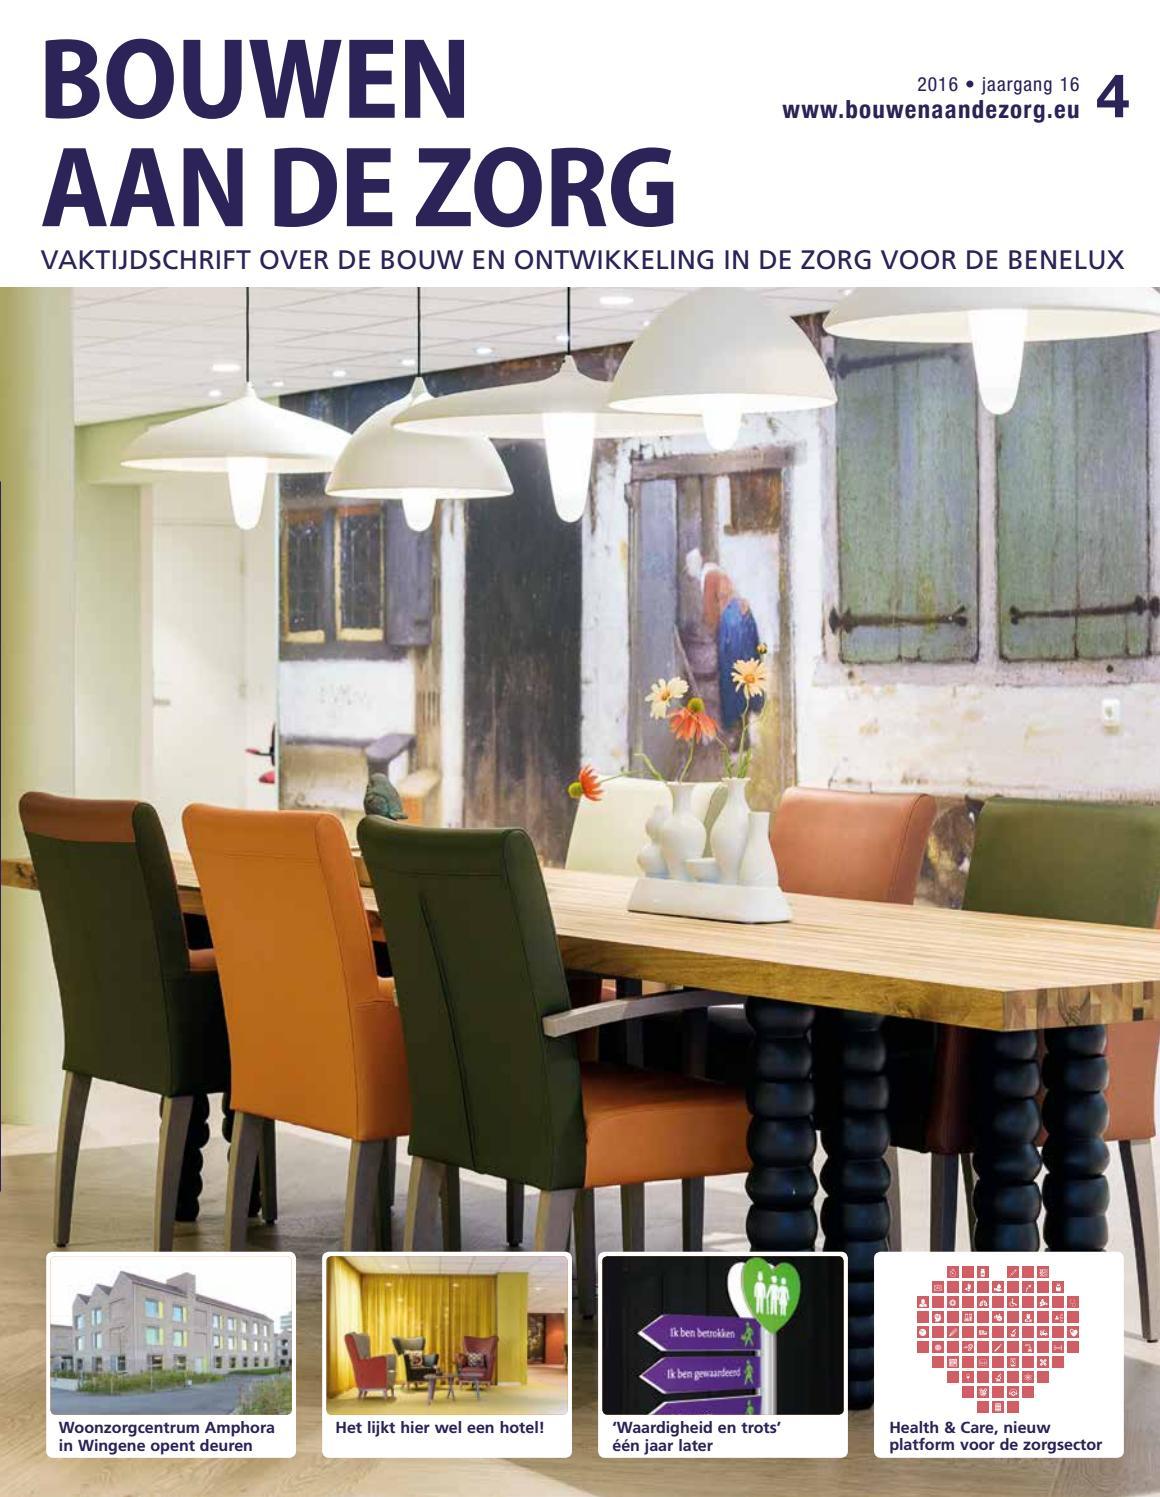 Bouwen aan de zorg 06 2013 by Louwers Uitgeversorganisatie BV - issuu